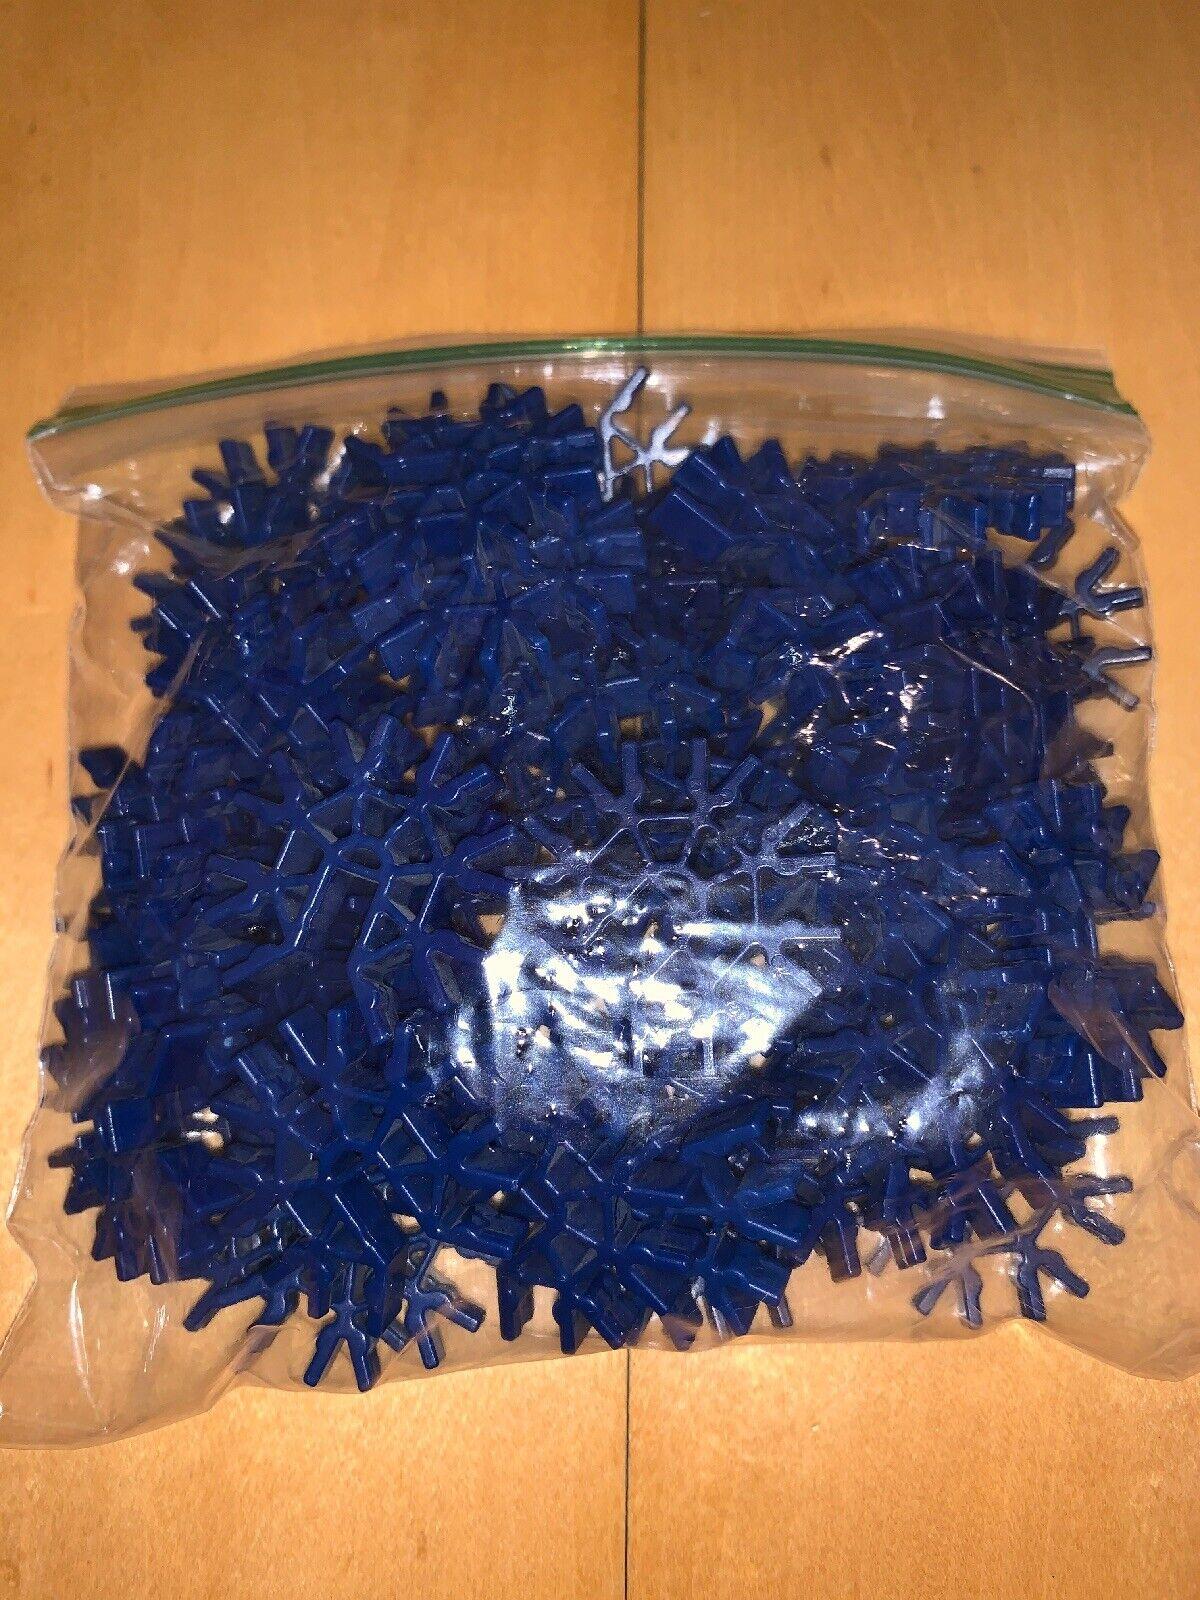 50 KNEX BLUE CONNECTORS 7-Position 3D Bulk Standard Replacement Parts//Pieces Lot